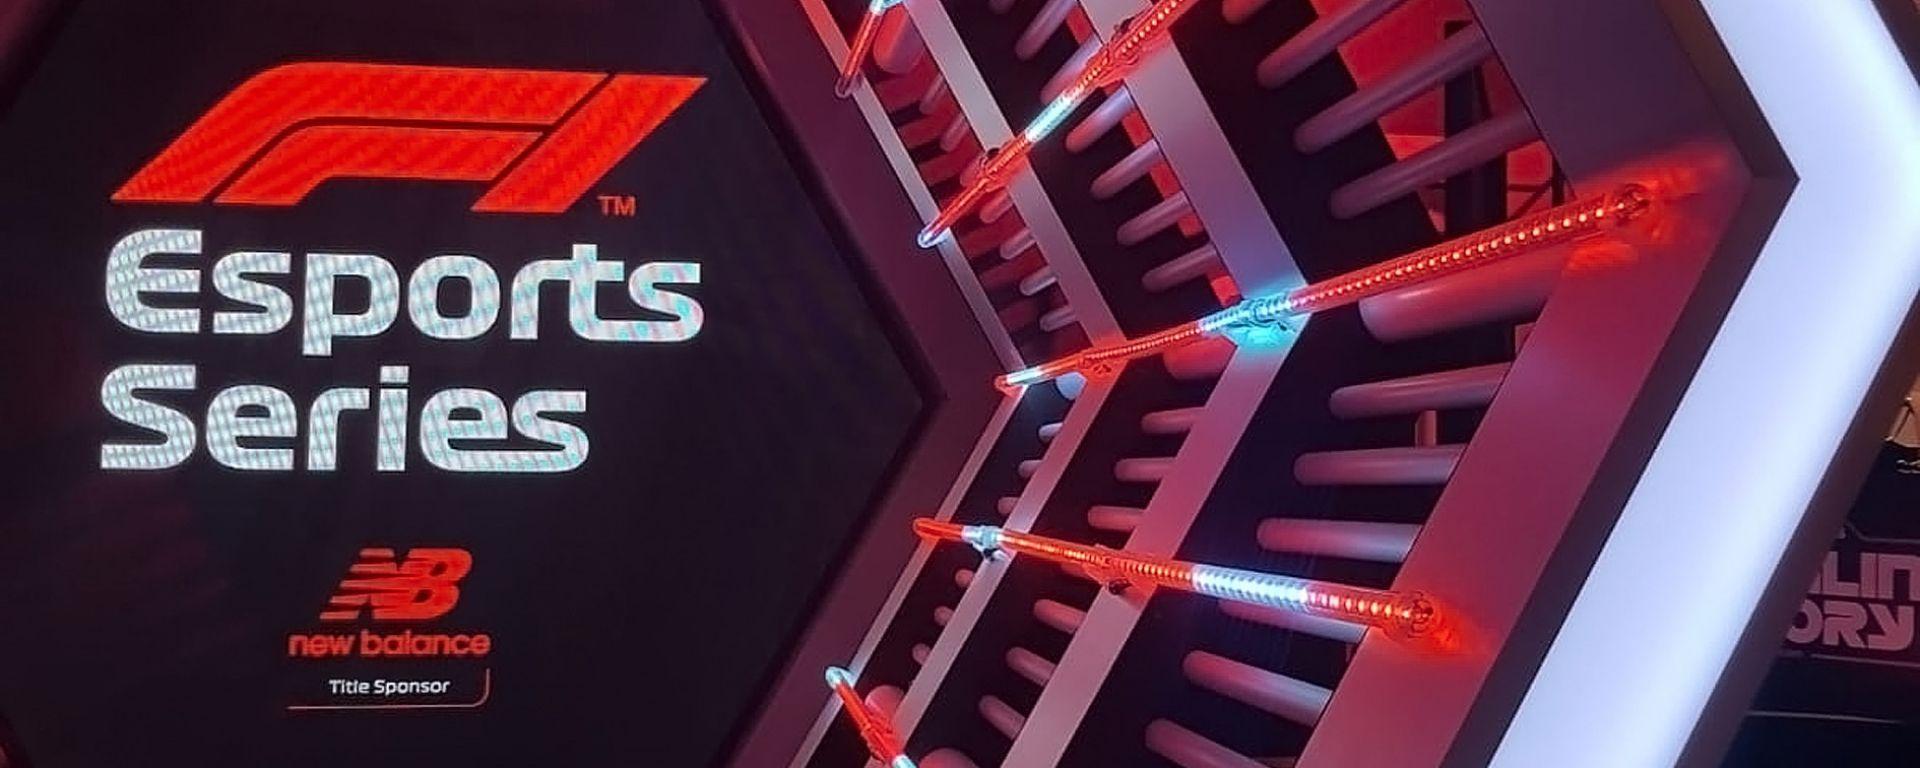 F1 eSport Series, la Ferrari sbarca (finalmente) nel virtuale